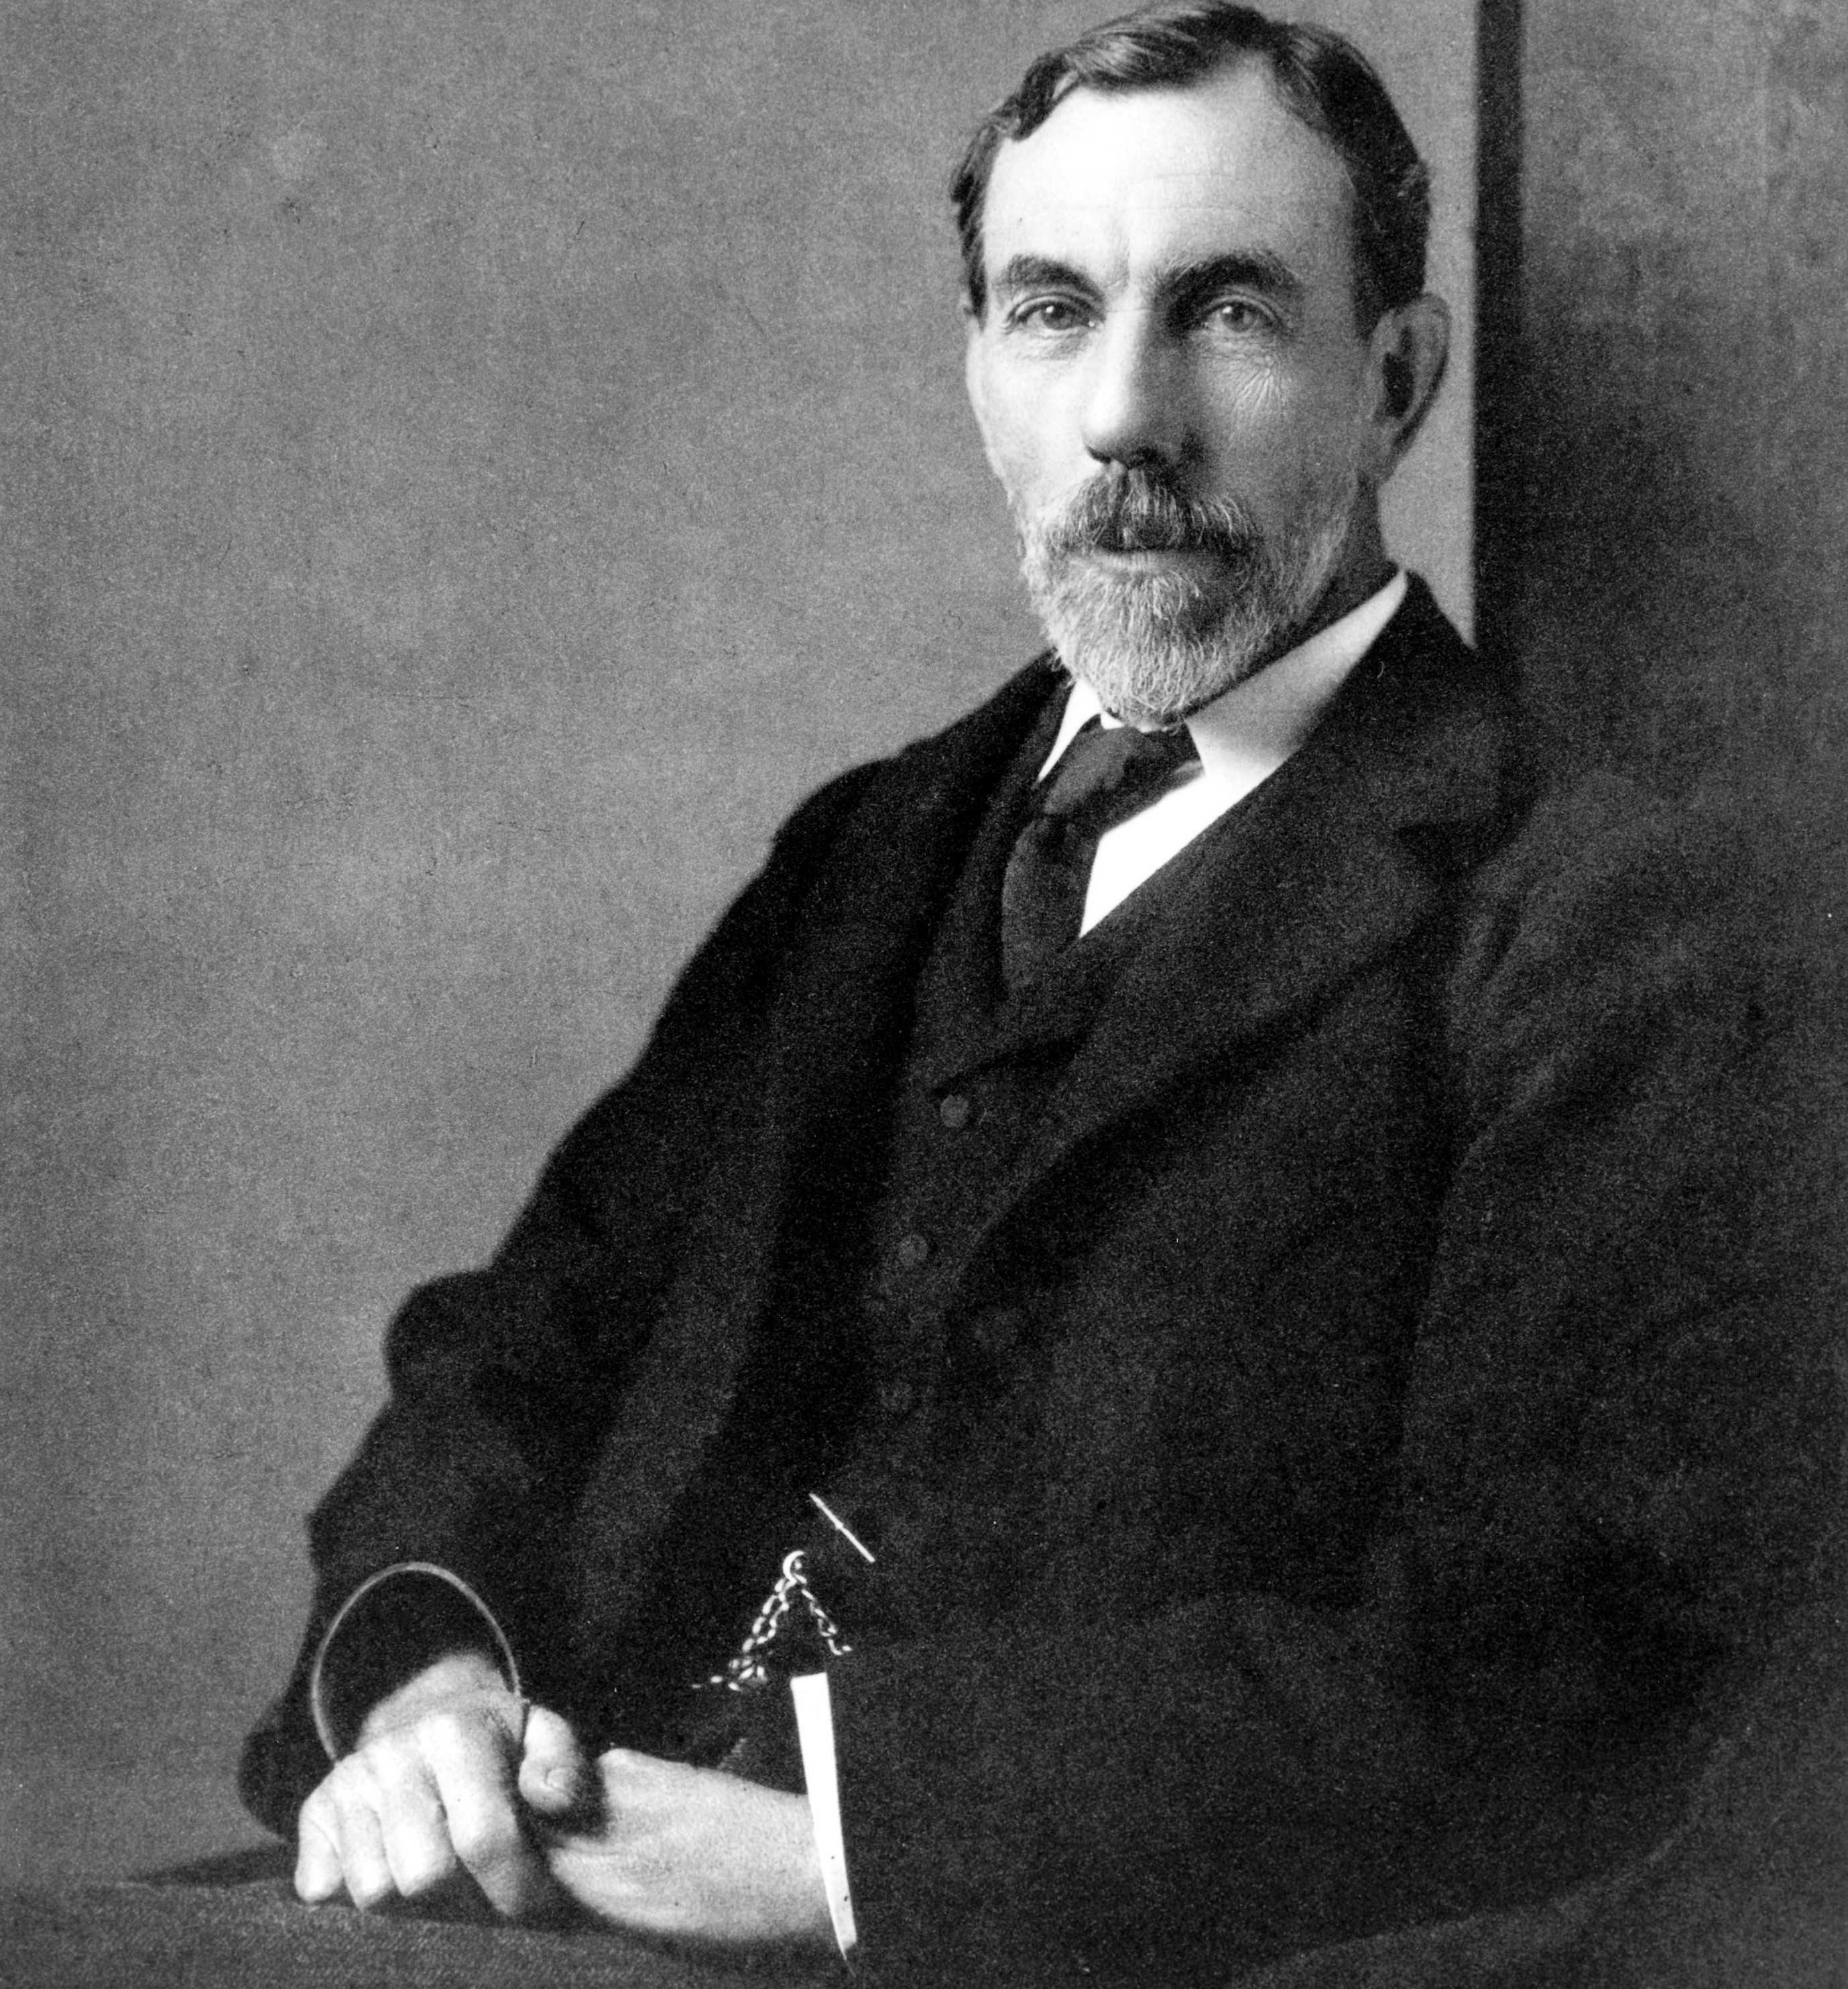 Sir William Ramsay Career